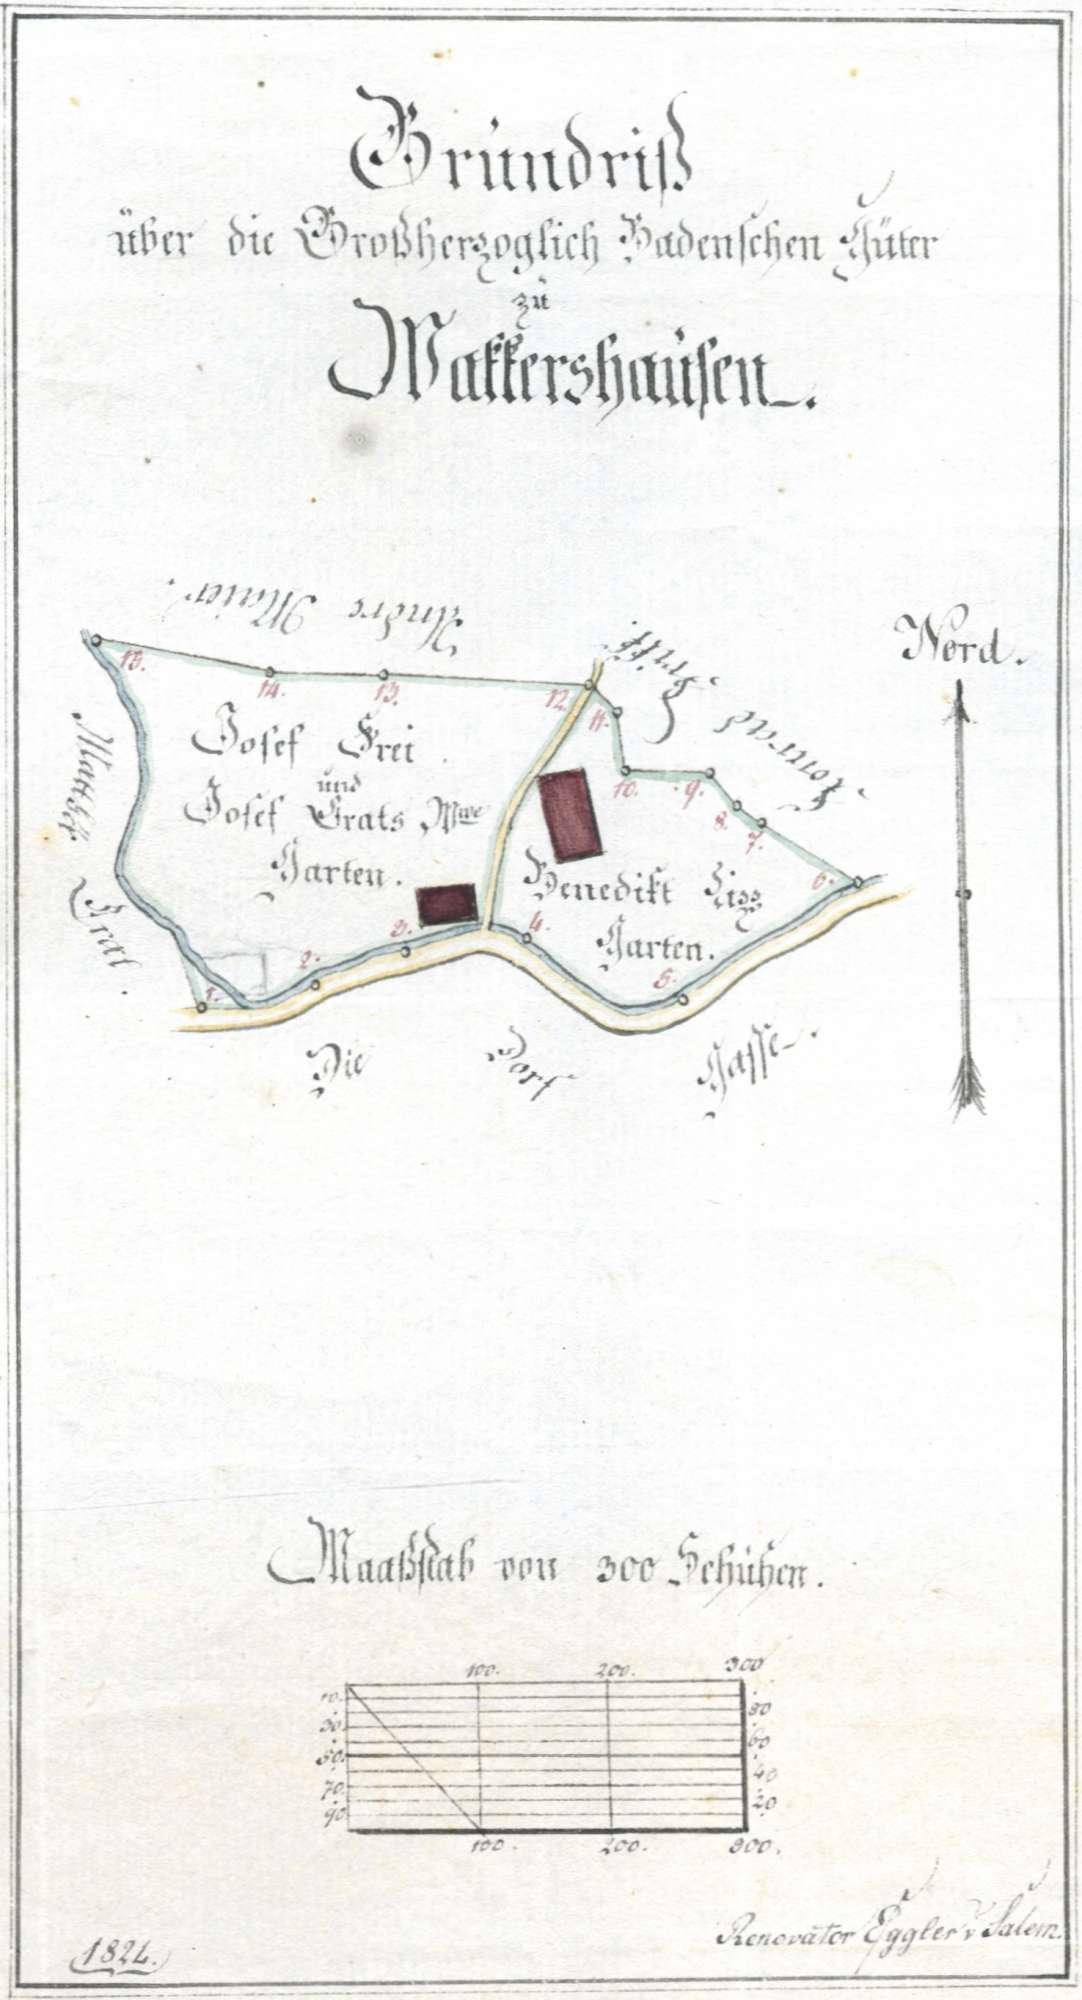 Vollzug des Staatsvertrags mit Baden vom 28. Juni 1843 zur Auflösung der Hoheitsgemeinschaft in den Orten Widdern (Landkreis Heilbronn) und Edelfingen (Main-Tauber-Kreis); Grenzberichtigung mit Baden, Bild 2